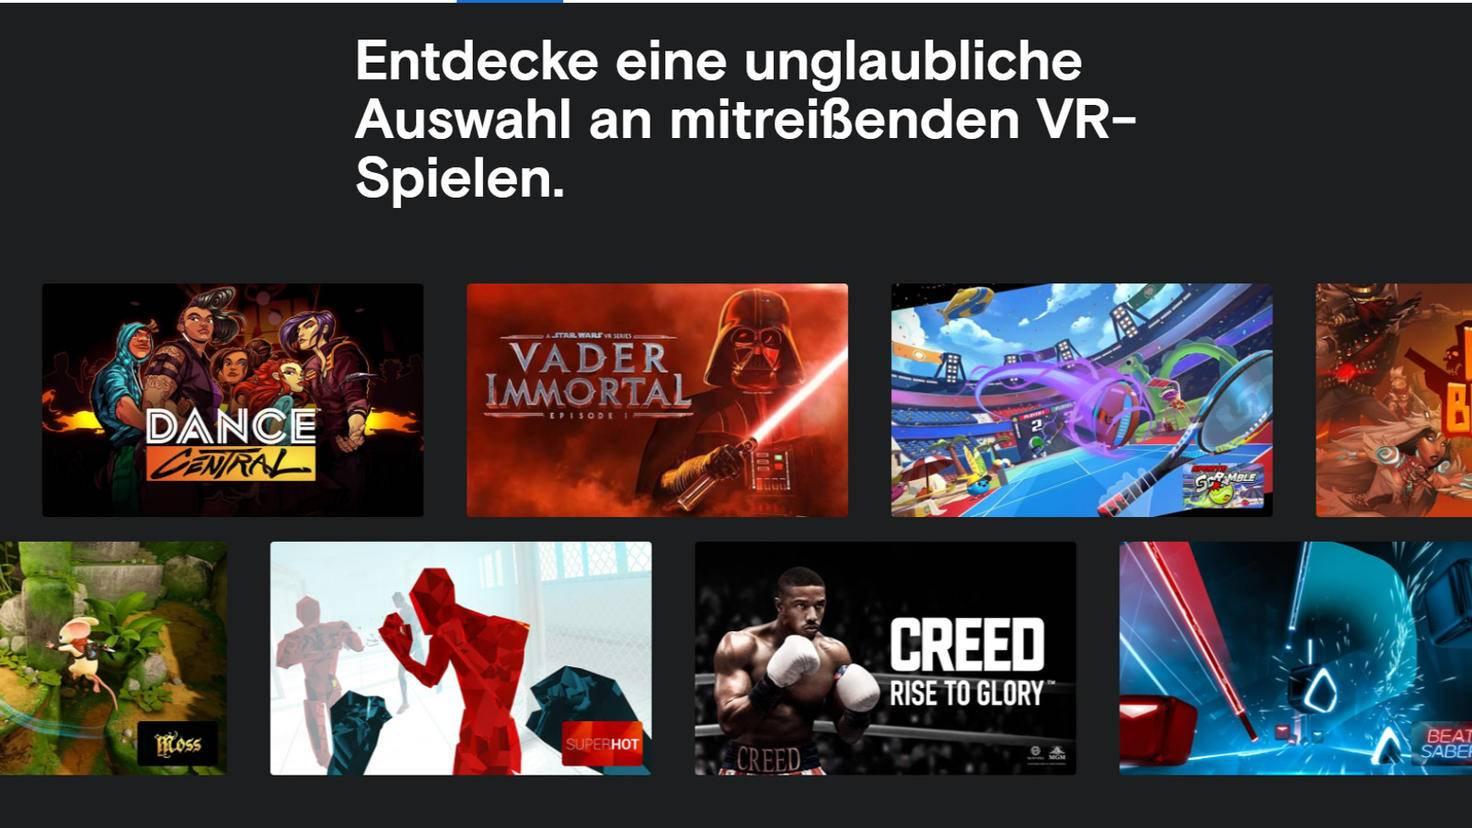 """So """"unglaublich"""" wie auf der Oculus-Website angekündigt ist die Auswahl noch nicht – aber das kann ja noch werden ..."""